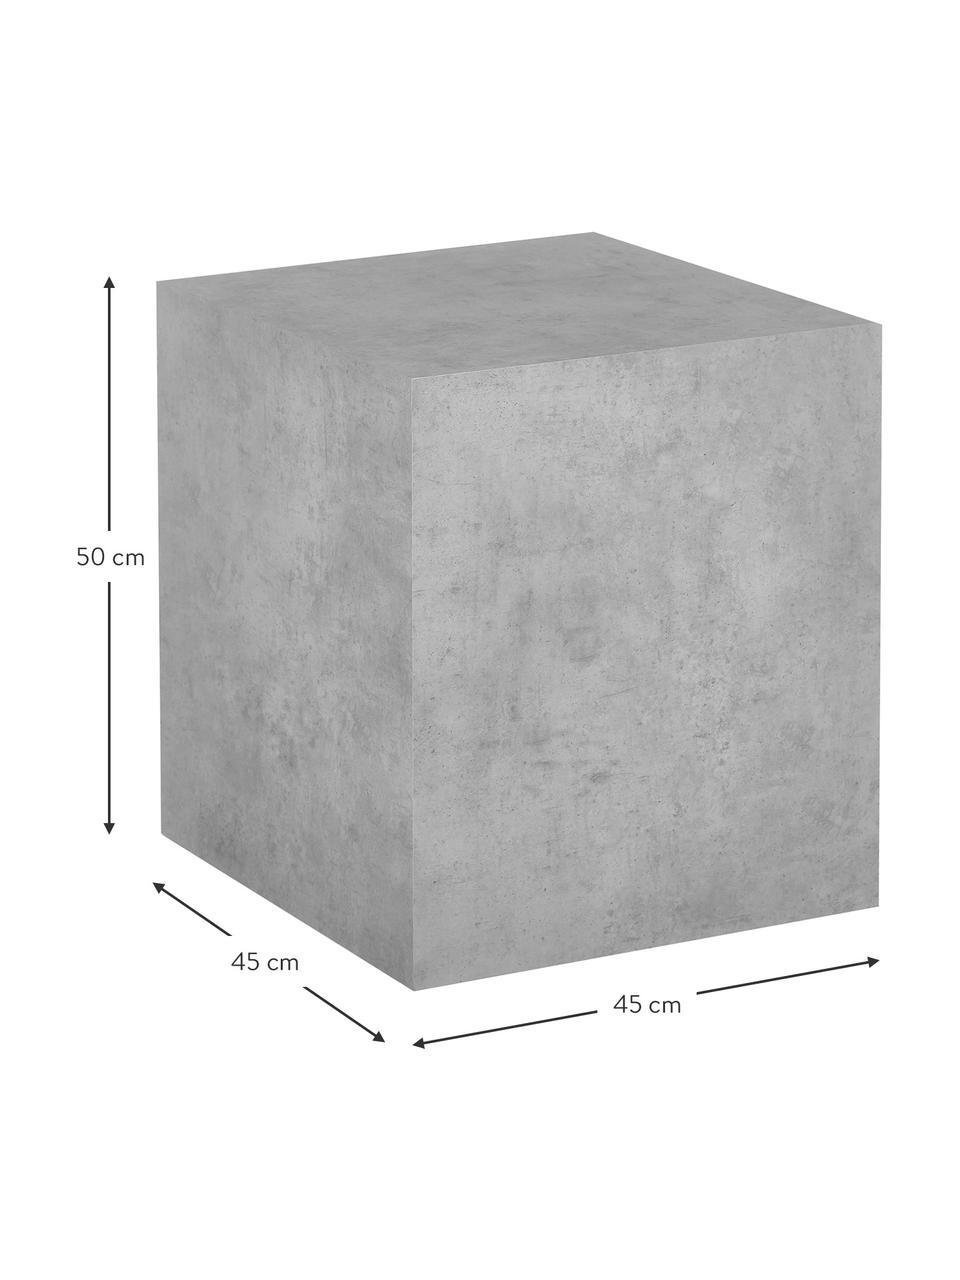 Stolik pomocniczy z imitacji betonu Lesley, Płyta pilśniowa średniej gęstości (MDF) pokryta folią melaminową, Szary, imitacja betonu, S 45 x W 50 cm